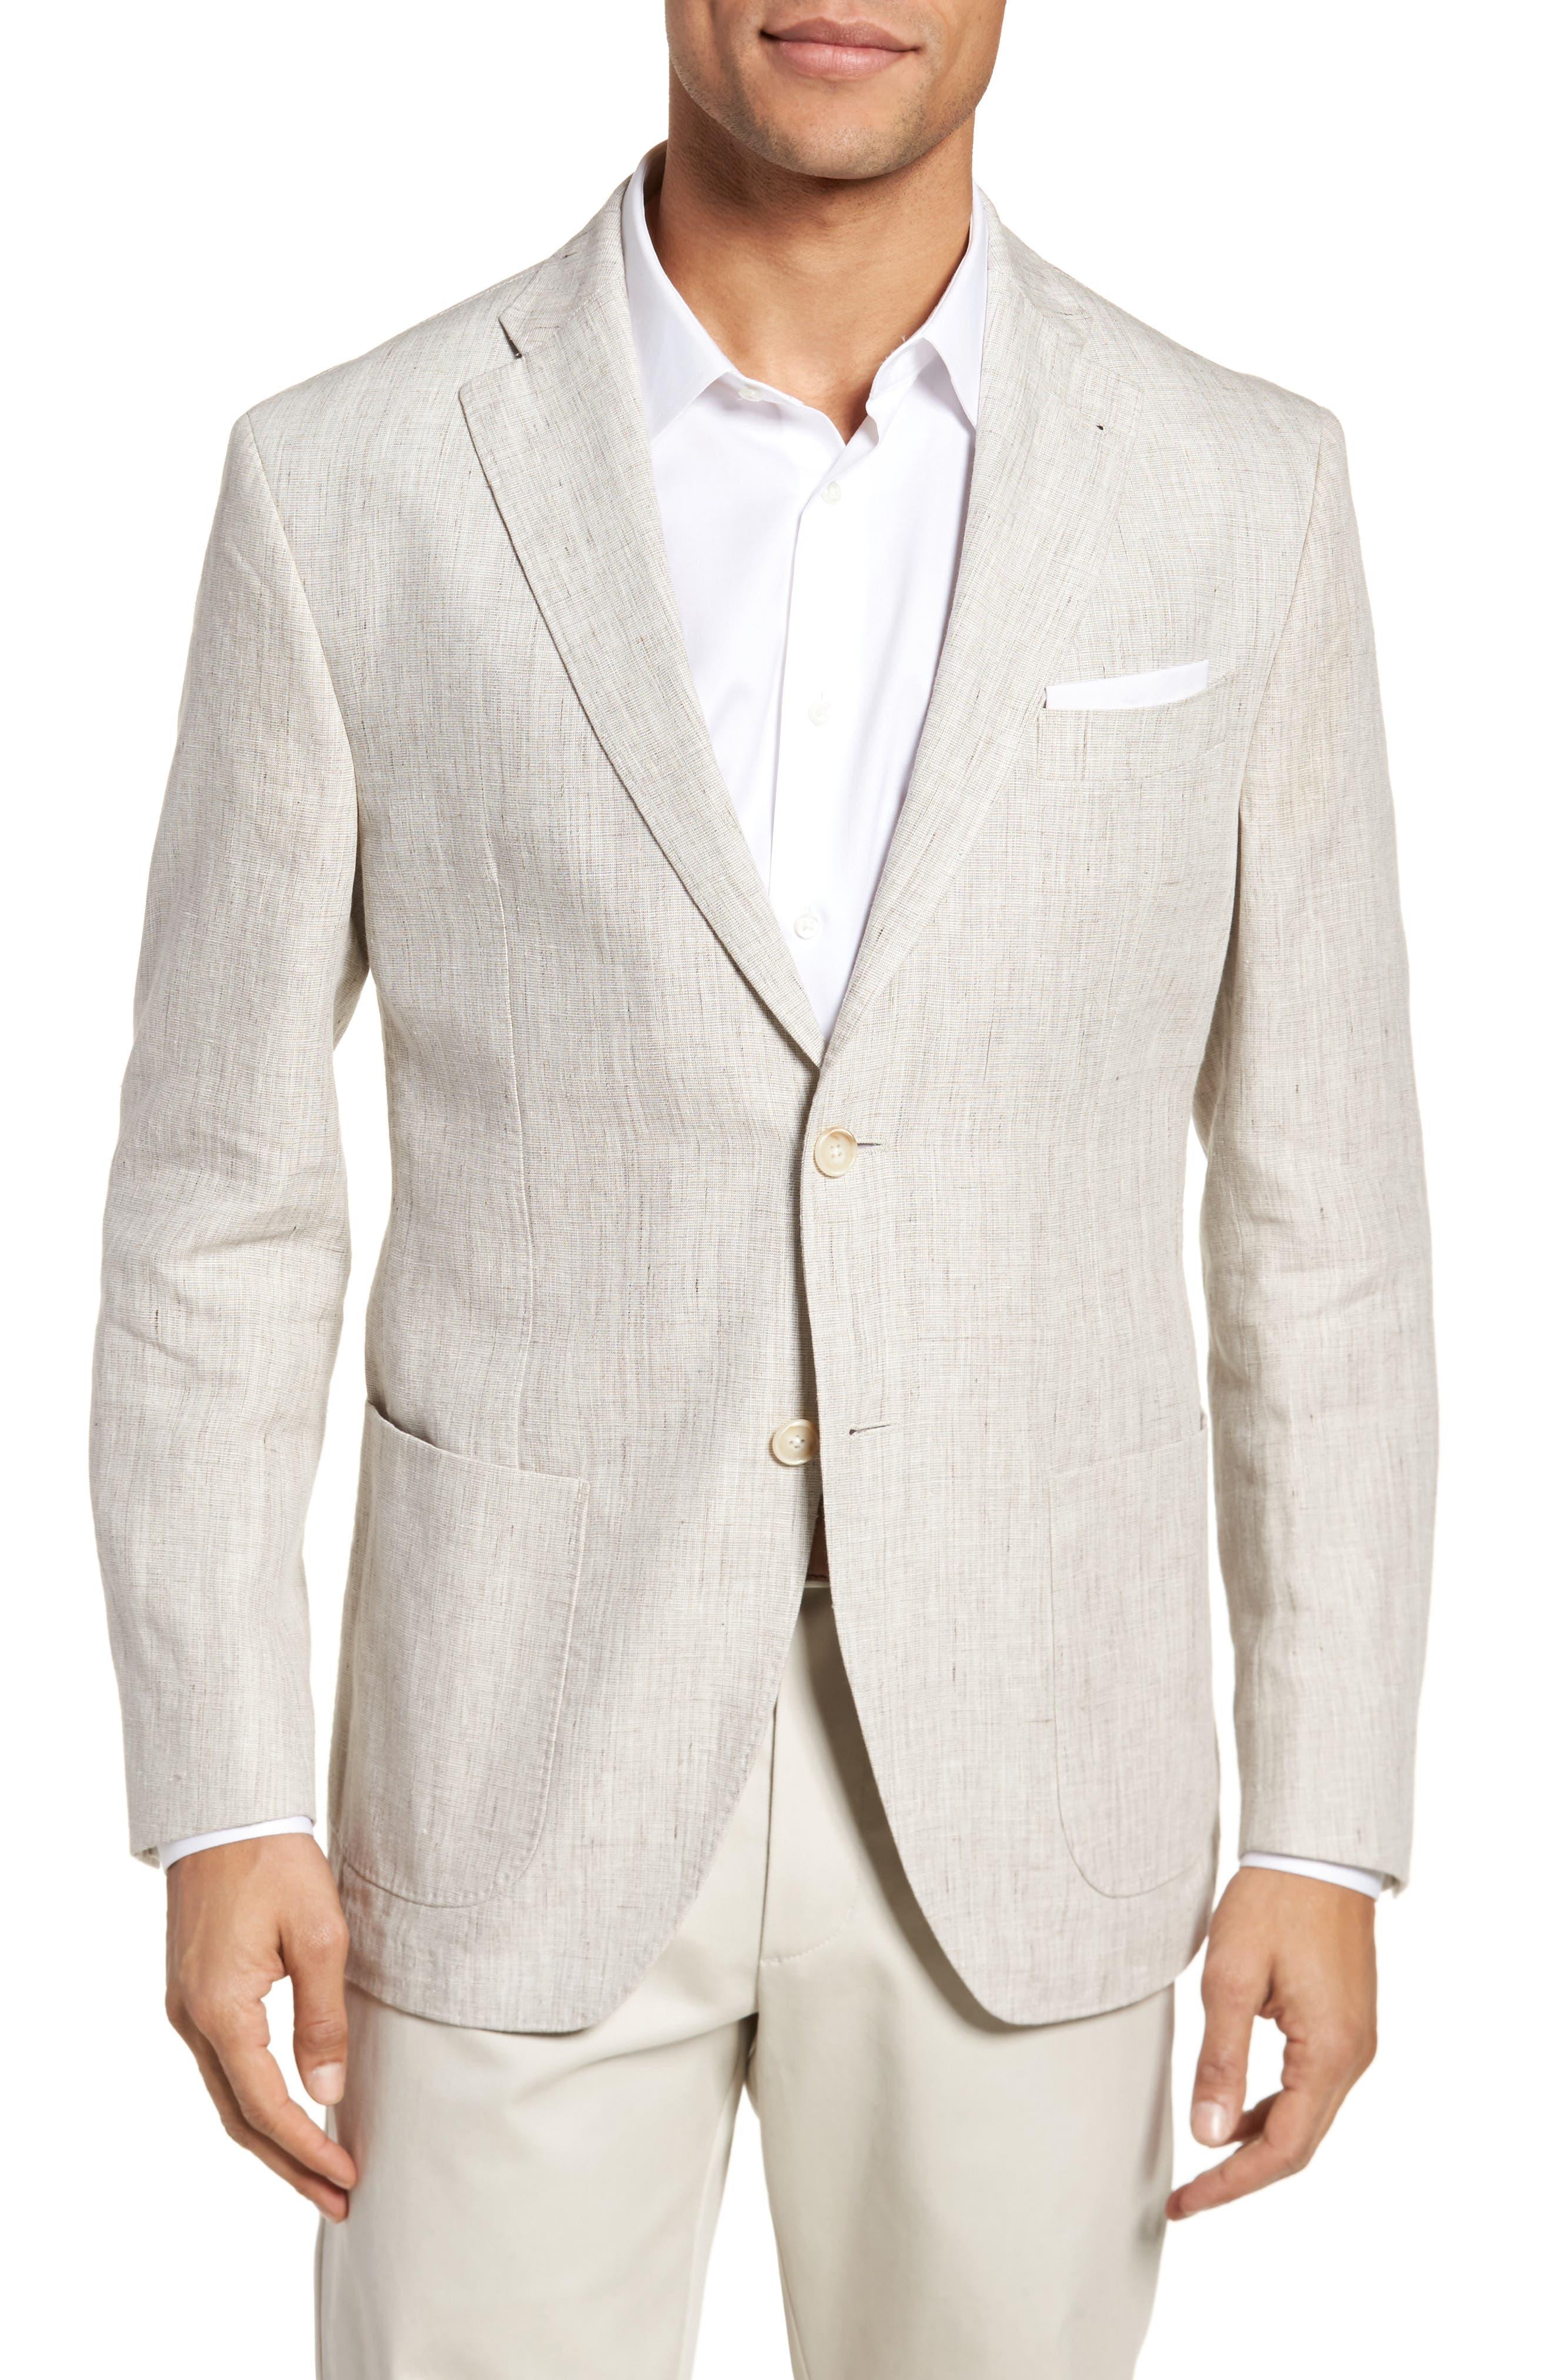 Trent Trim Fit Linen Blazer,                         Main,                         color, Natural